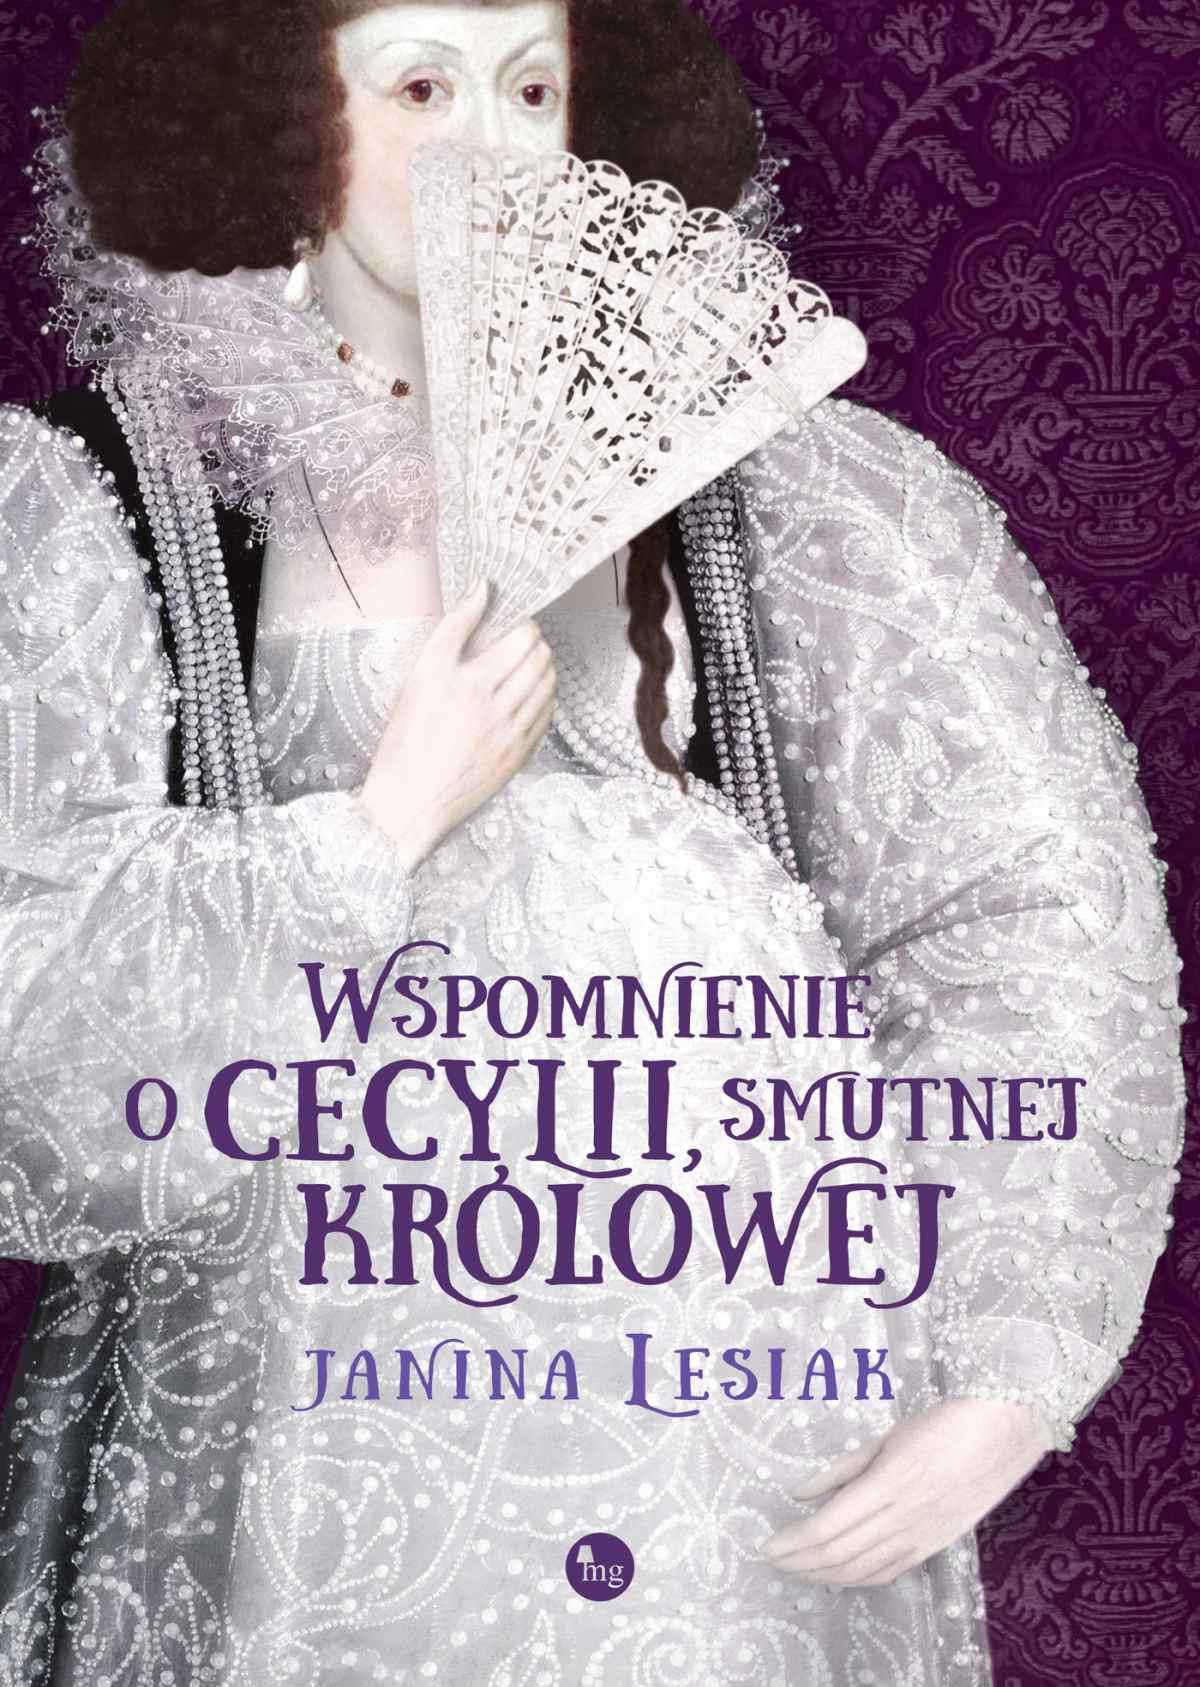 Wspomnienie o Cecylii,smutnej królowej - Ebook (Książka na Kindle) do pobrania w formacie MOBI